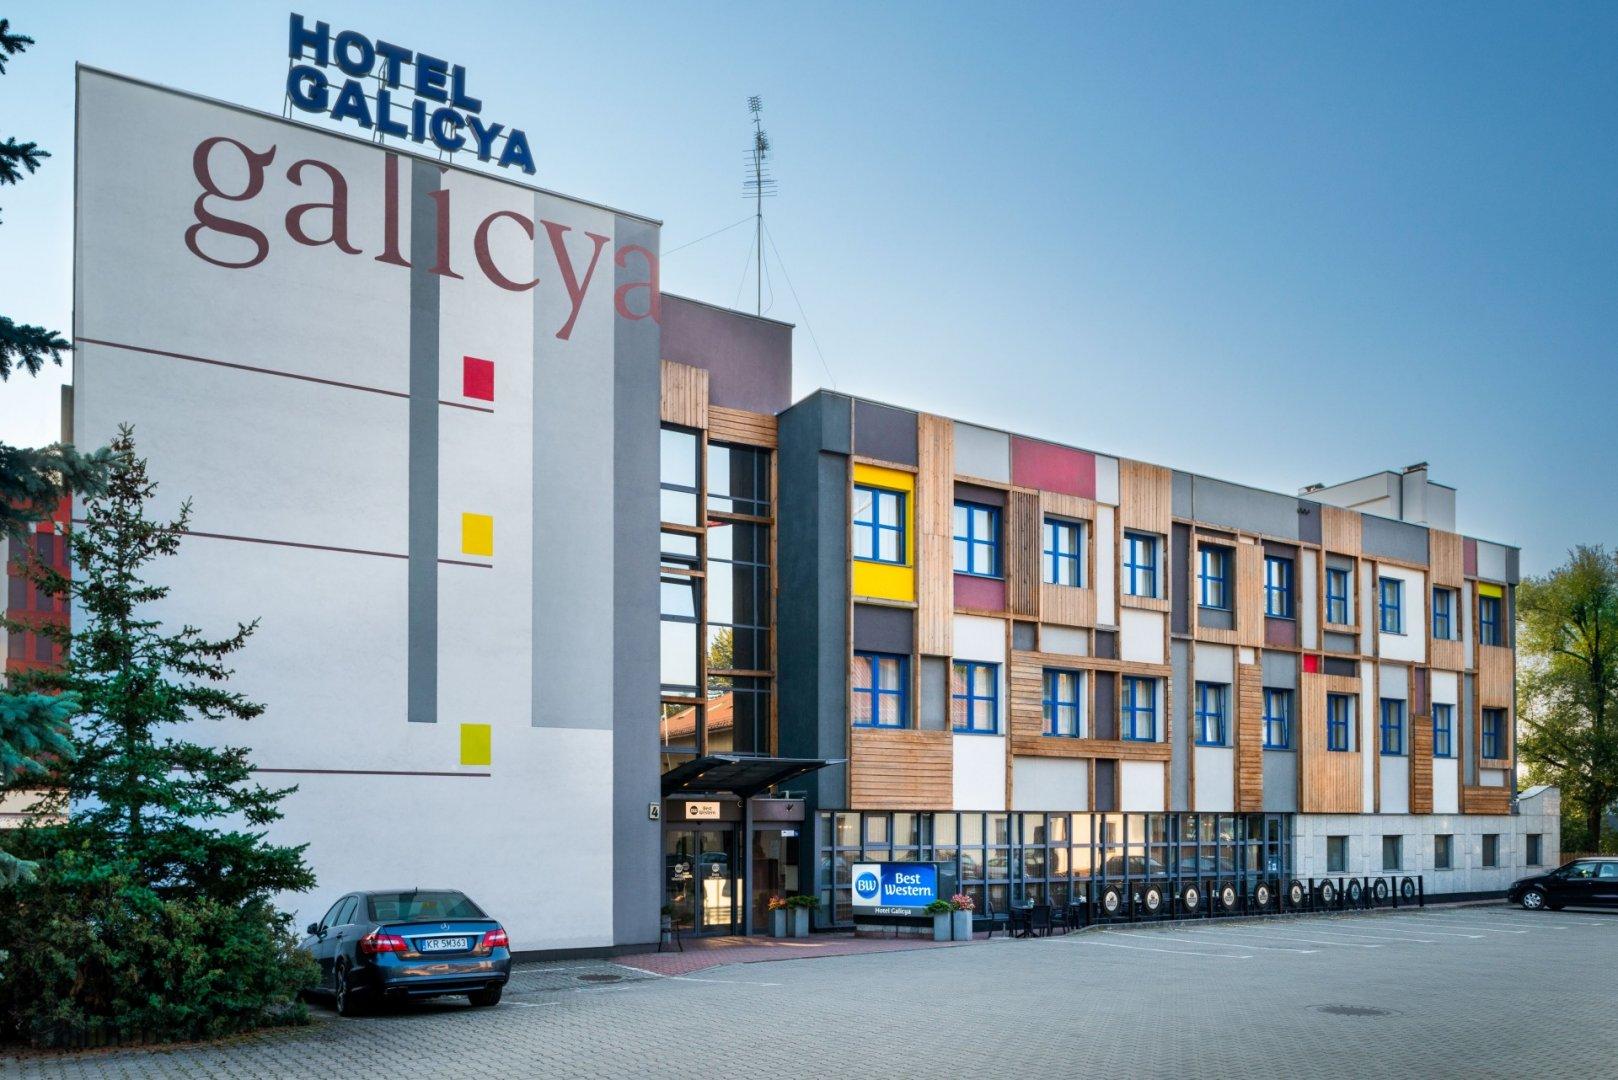 Best Western Galicya Hotel